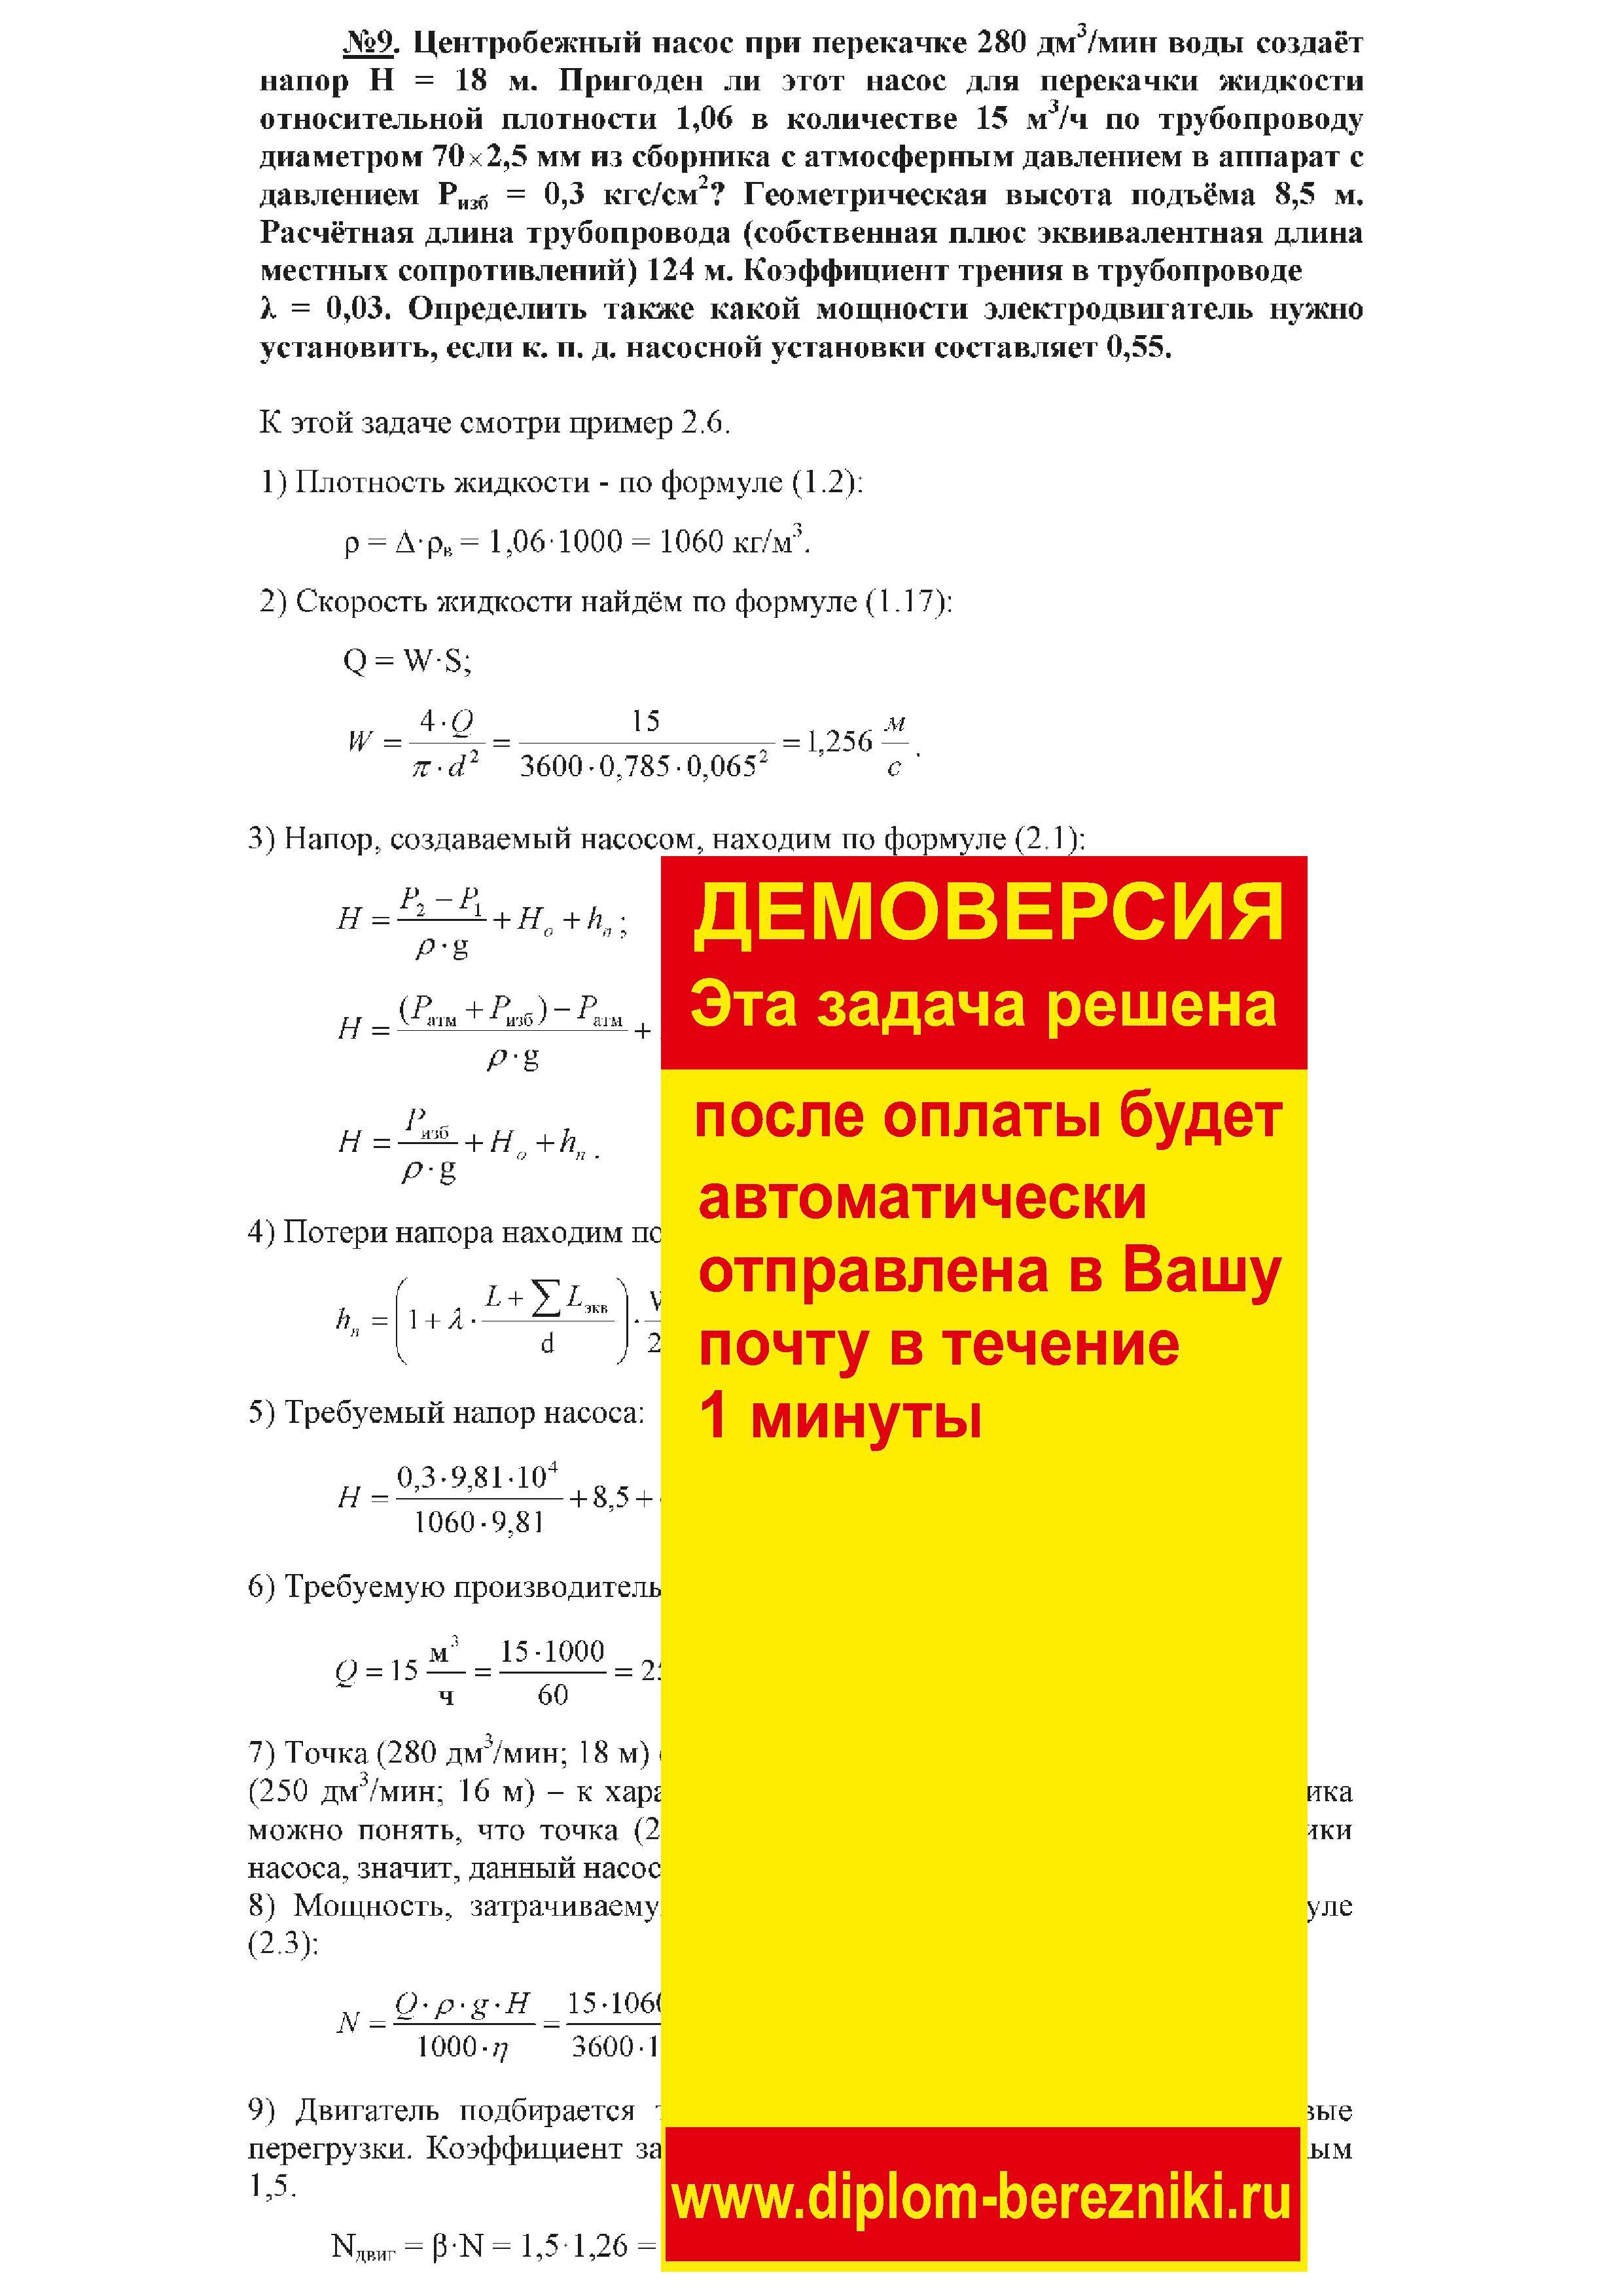 Решение задачи 2.9 по ПАХТ из задачника Павлова Романкова Носкова